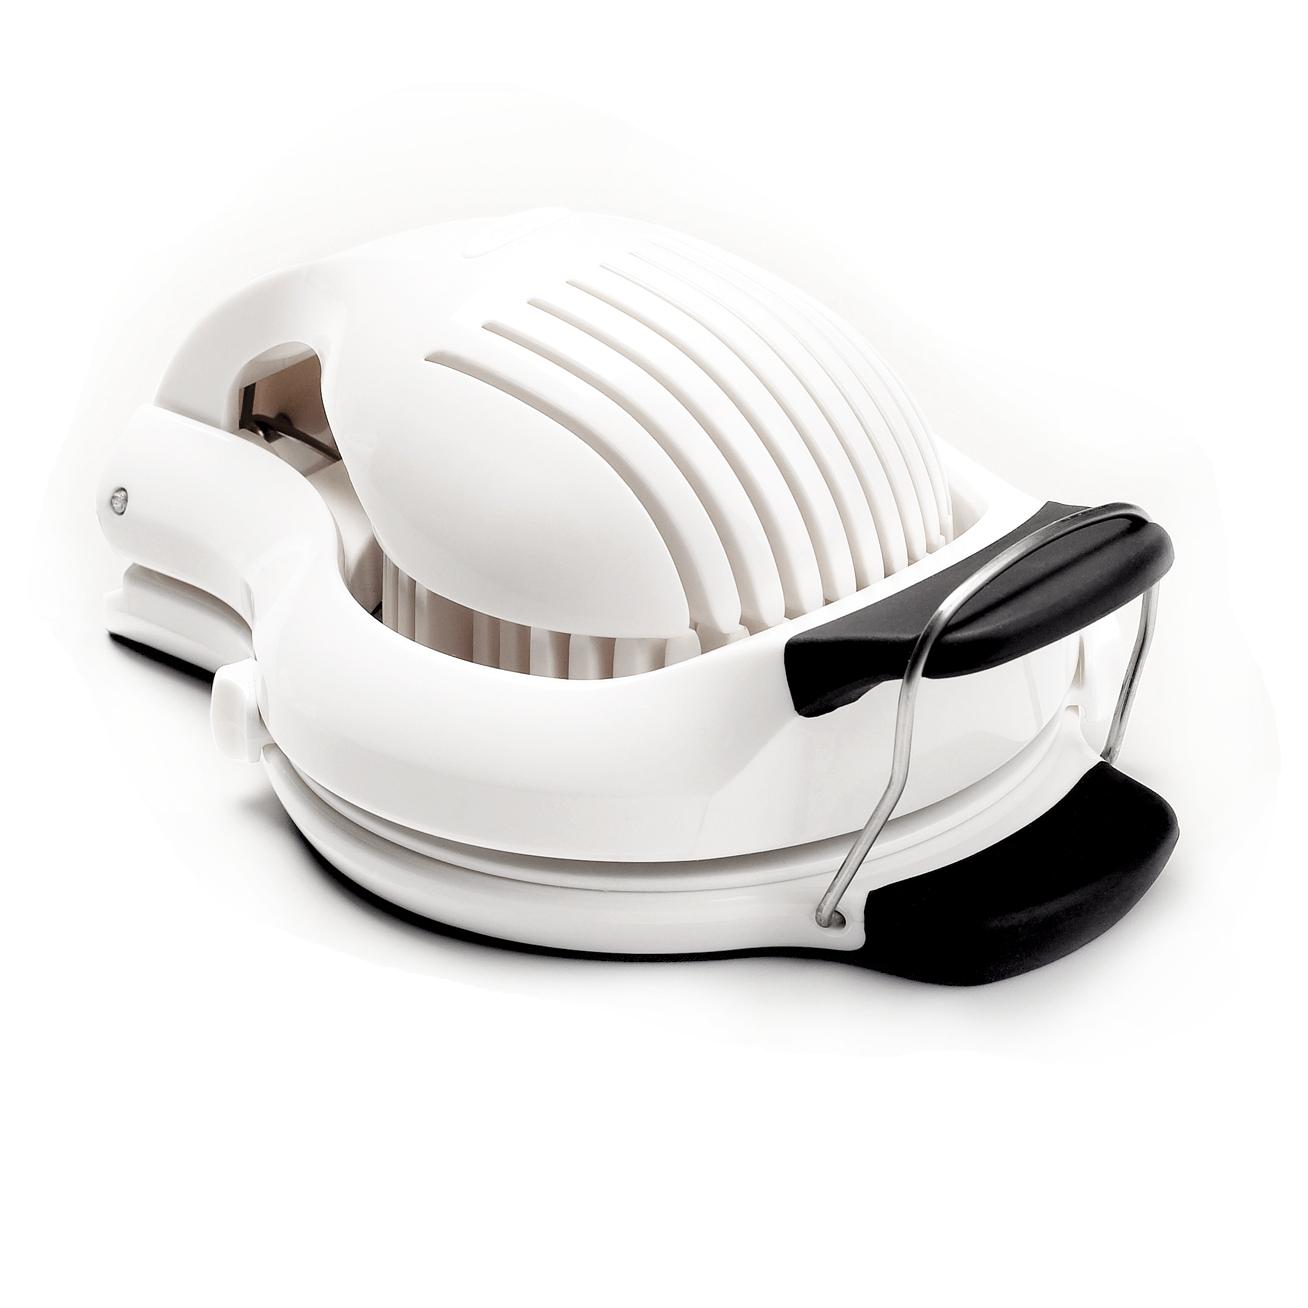 OXO Good Grips White Egg Slicer and Chopper